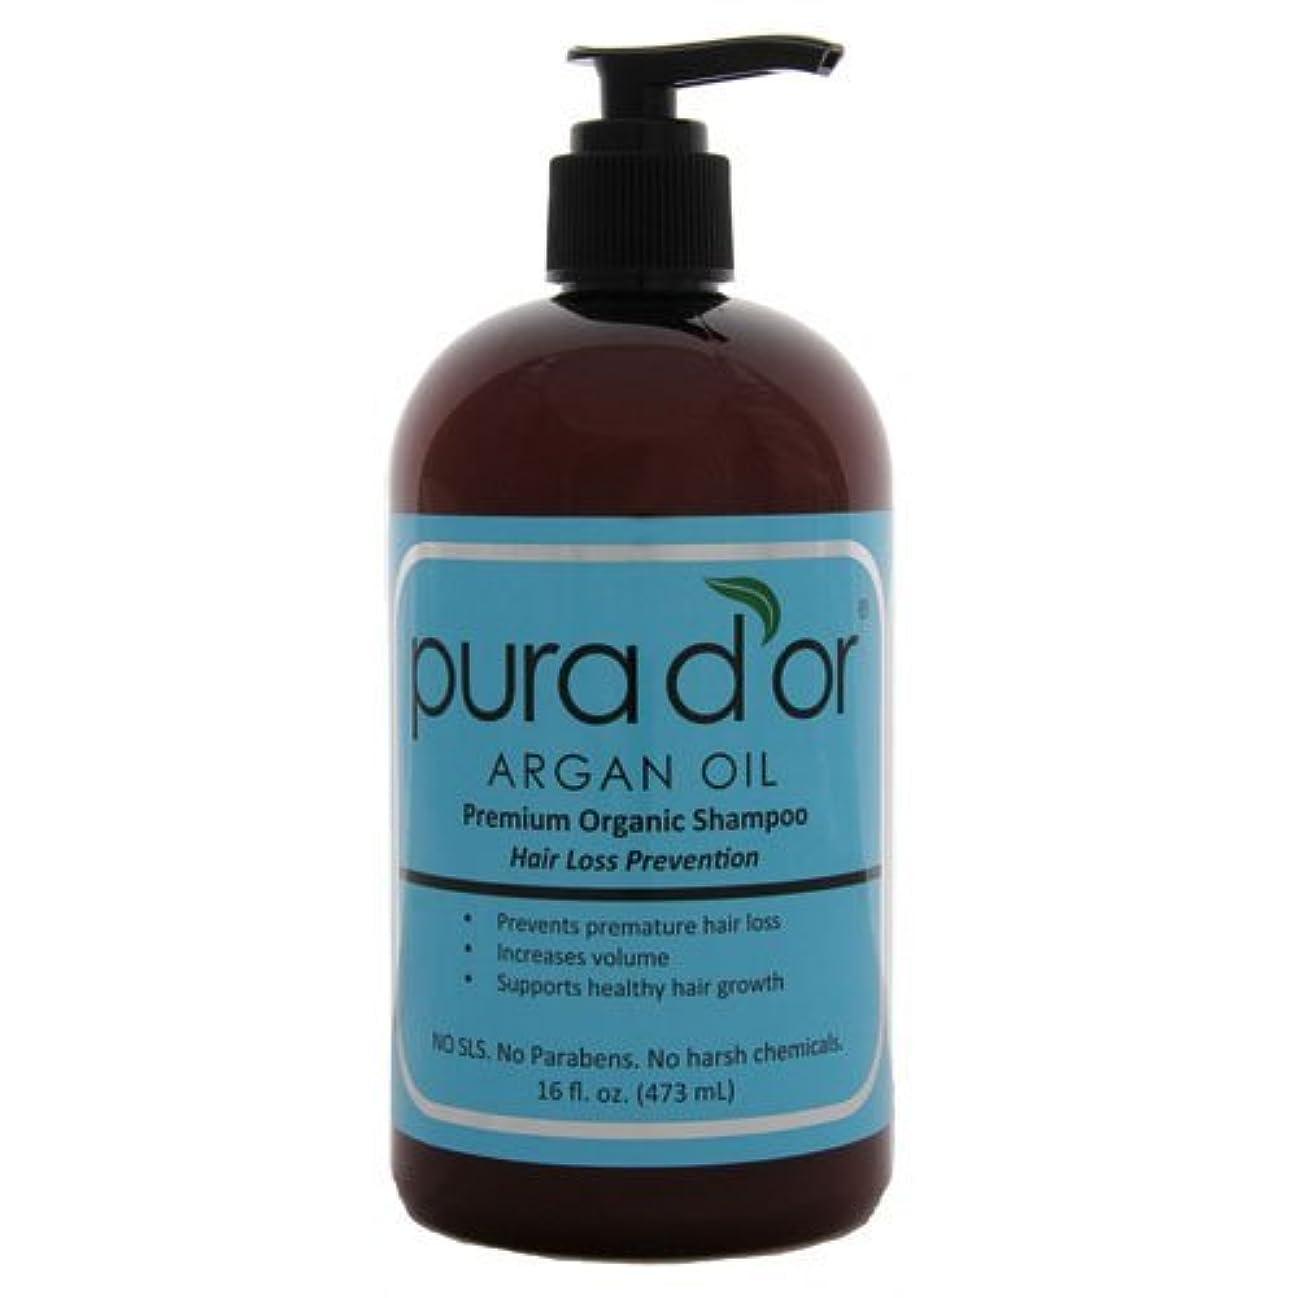 新年自動車尊敬する【オーガニック】 DHTブロッカー シャンプー男女兼用 470ml【並行輸入品】 Pura d'or Hair Loss Prevention Premium Organic Shampoo 16oz